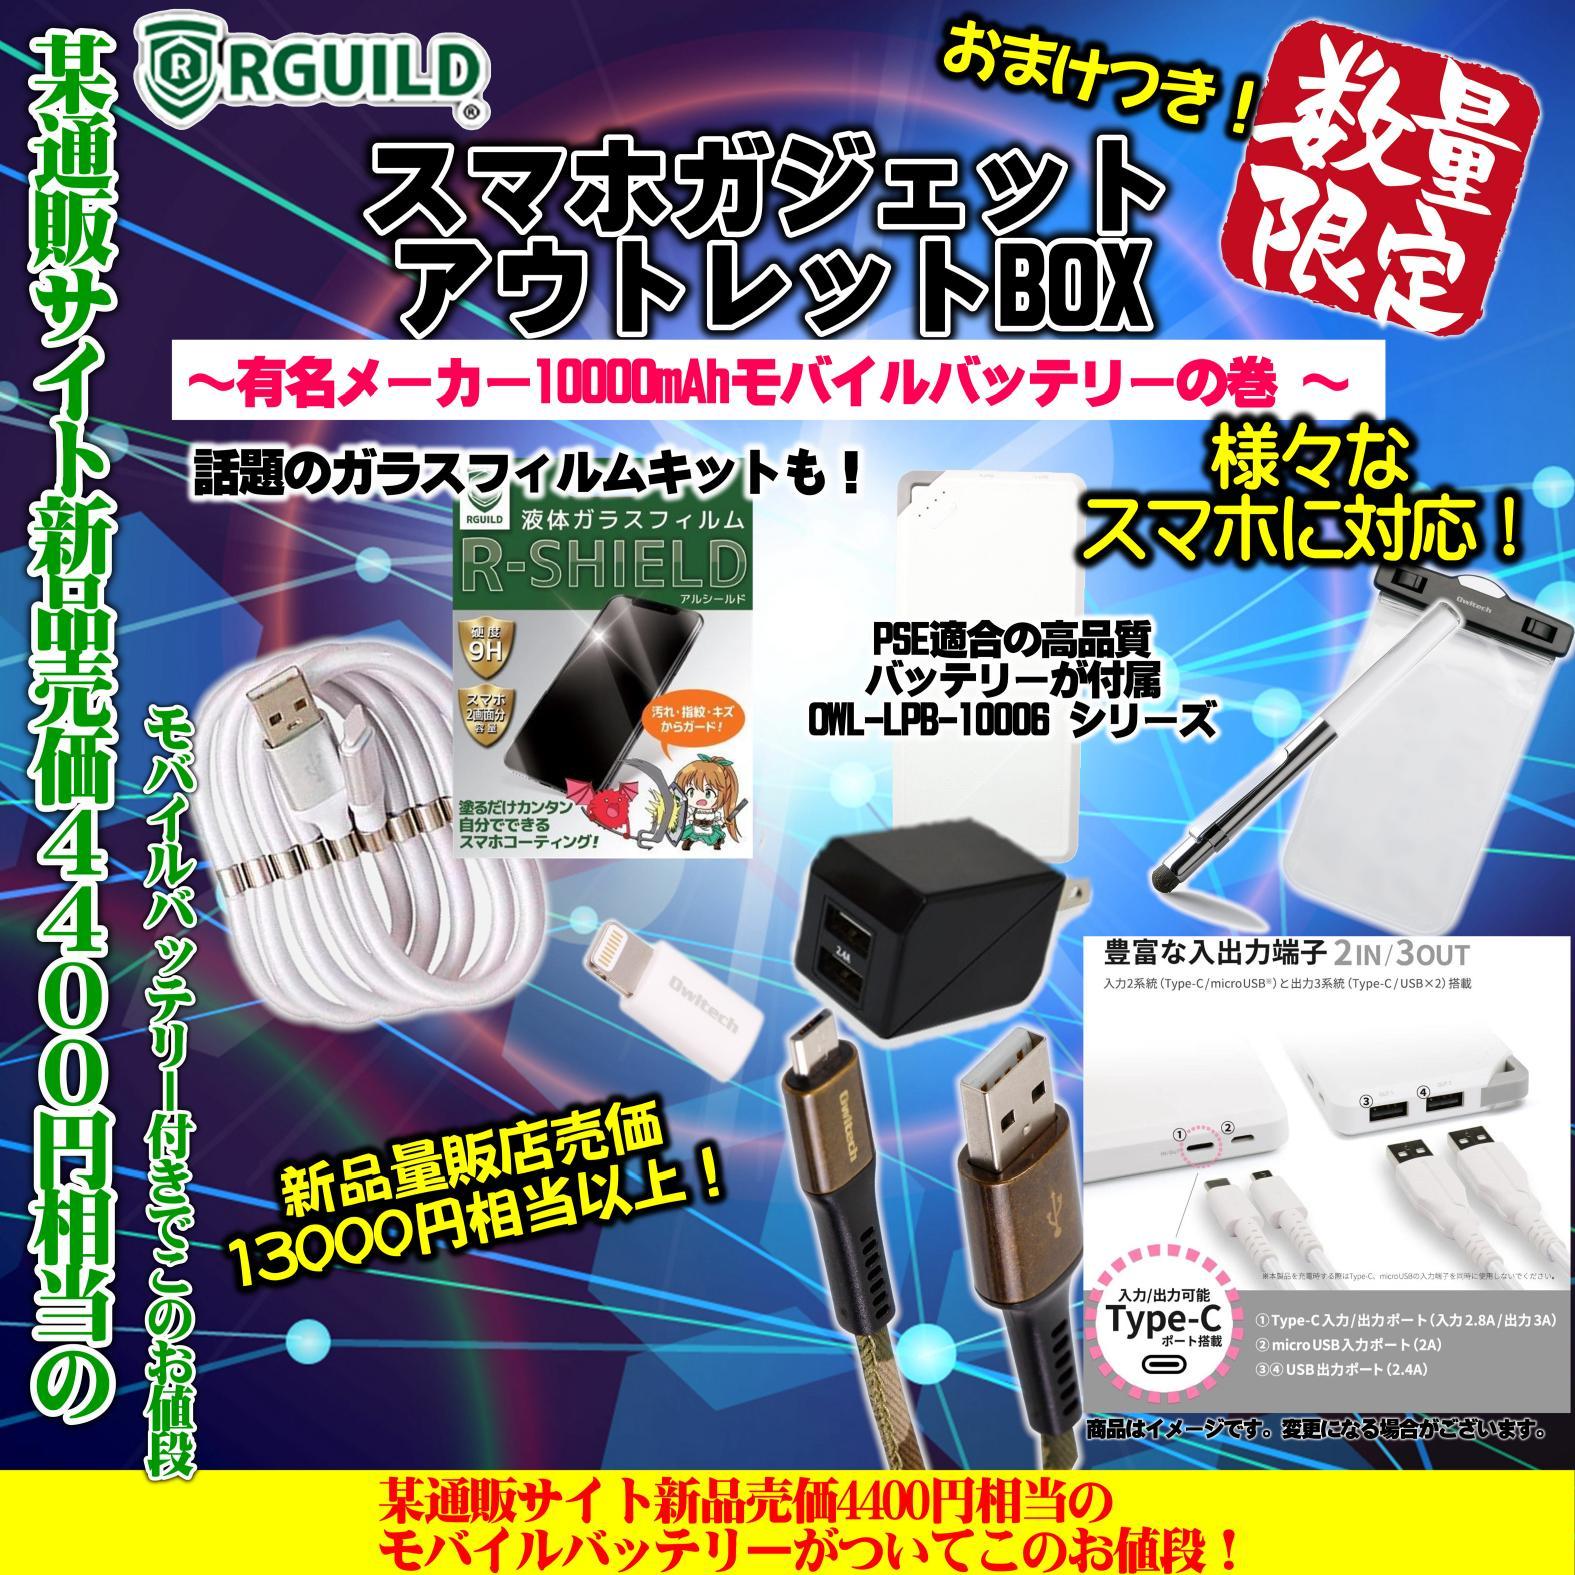 感染症対策応援 BOX スマホガジェット満載!大容量10000mAhモバイルバッテリー・アウトレットスマホガジェットBOX